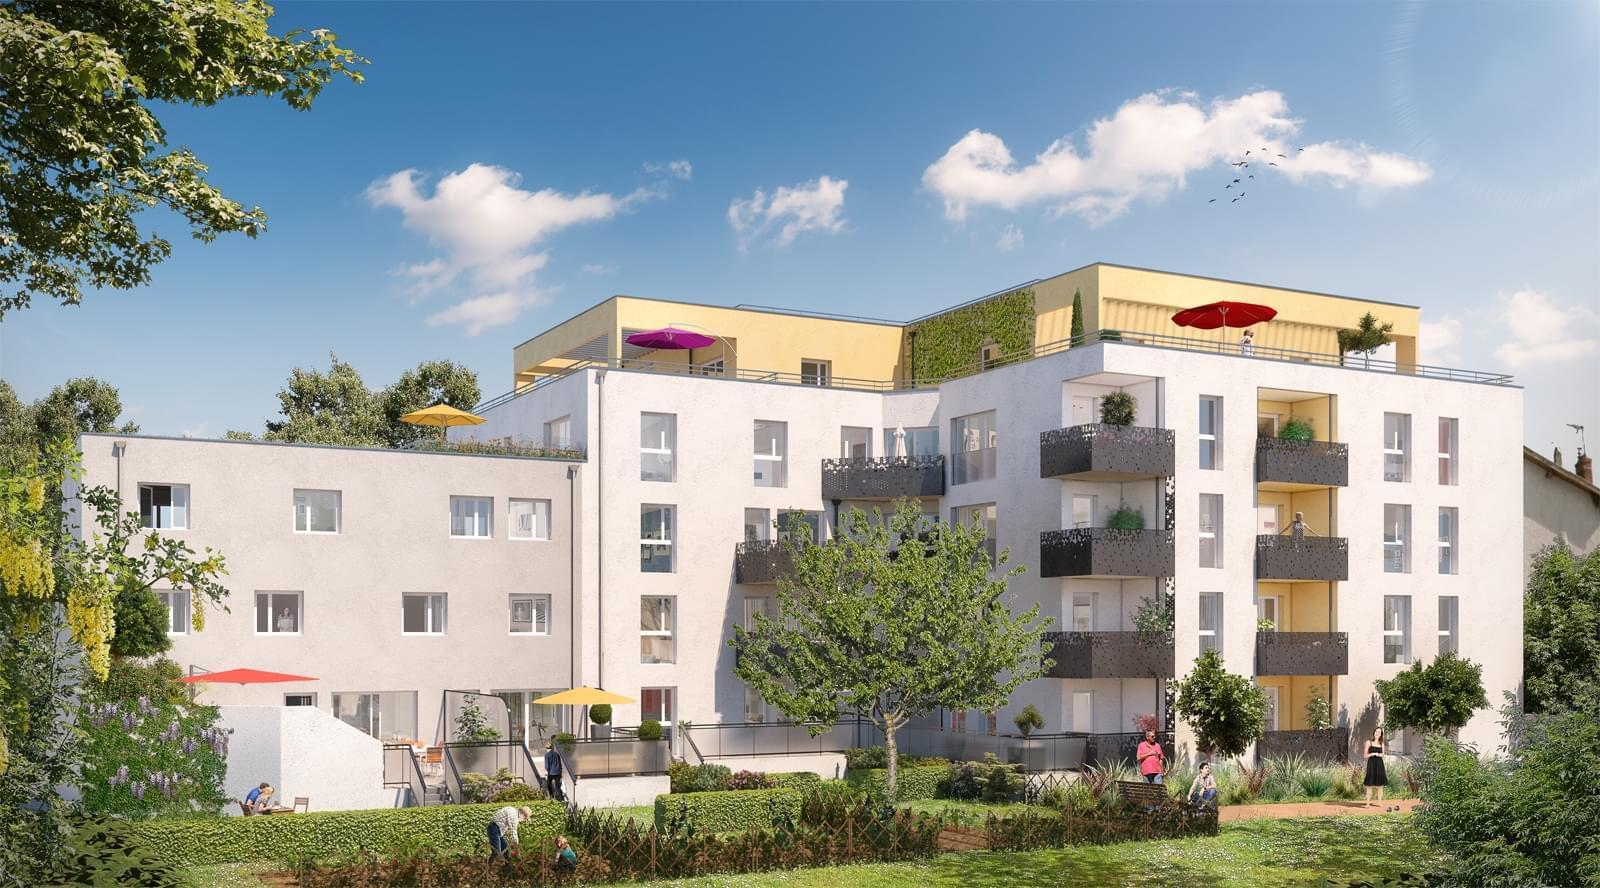 Résidence à Villeurbanne Proche Gratte-Ciel, Jardins privatifs, maison sur le toit, terrasses ou balcons généreux, Proche transports en commun,